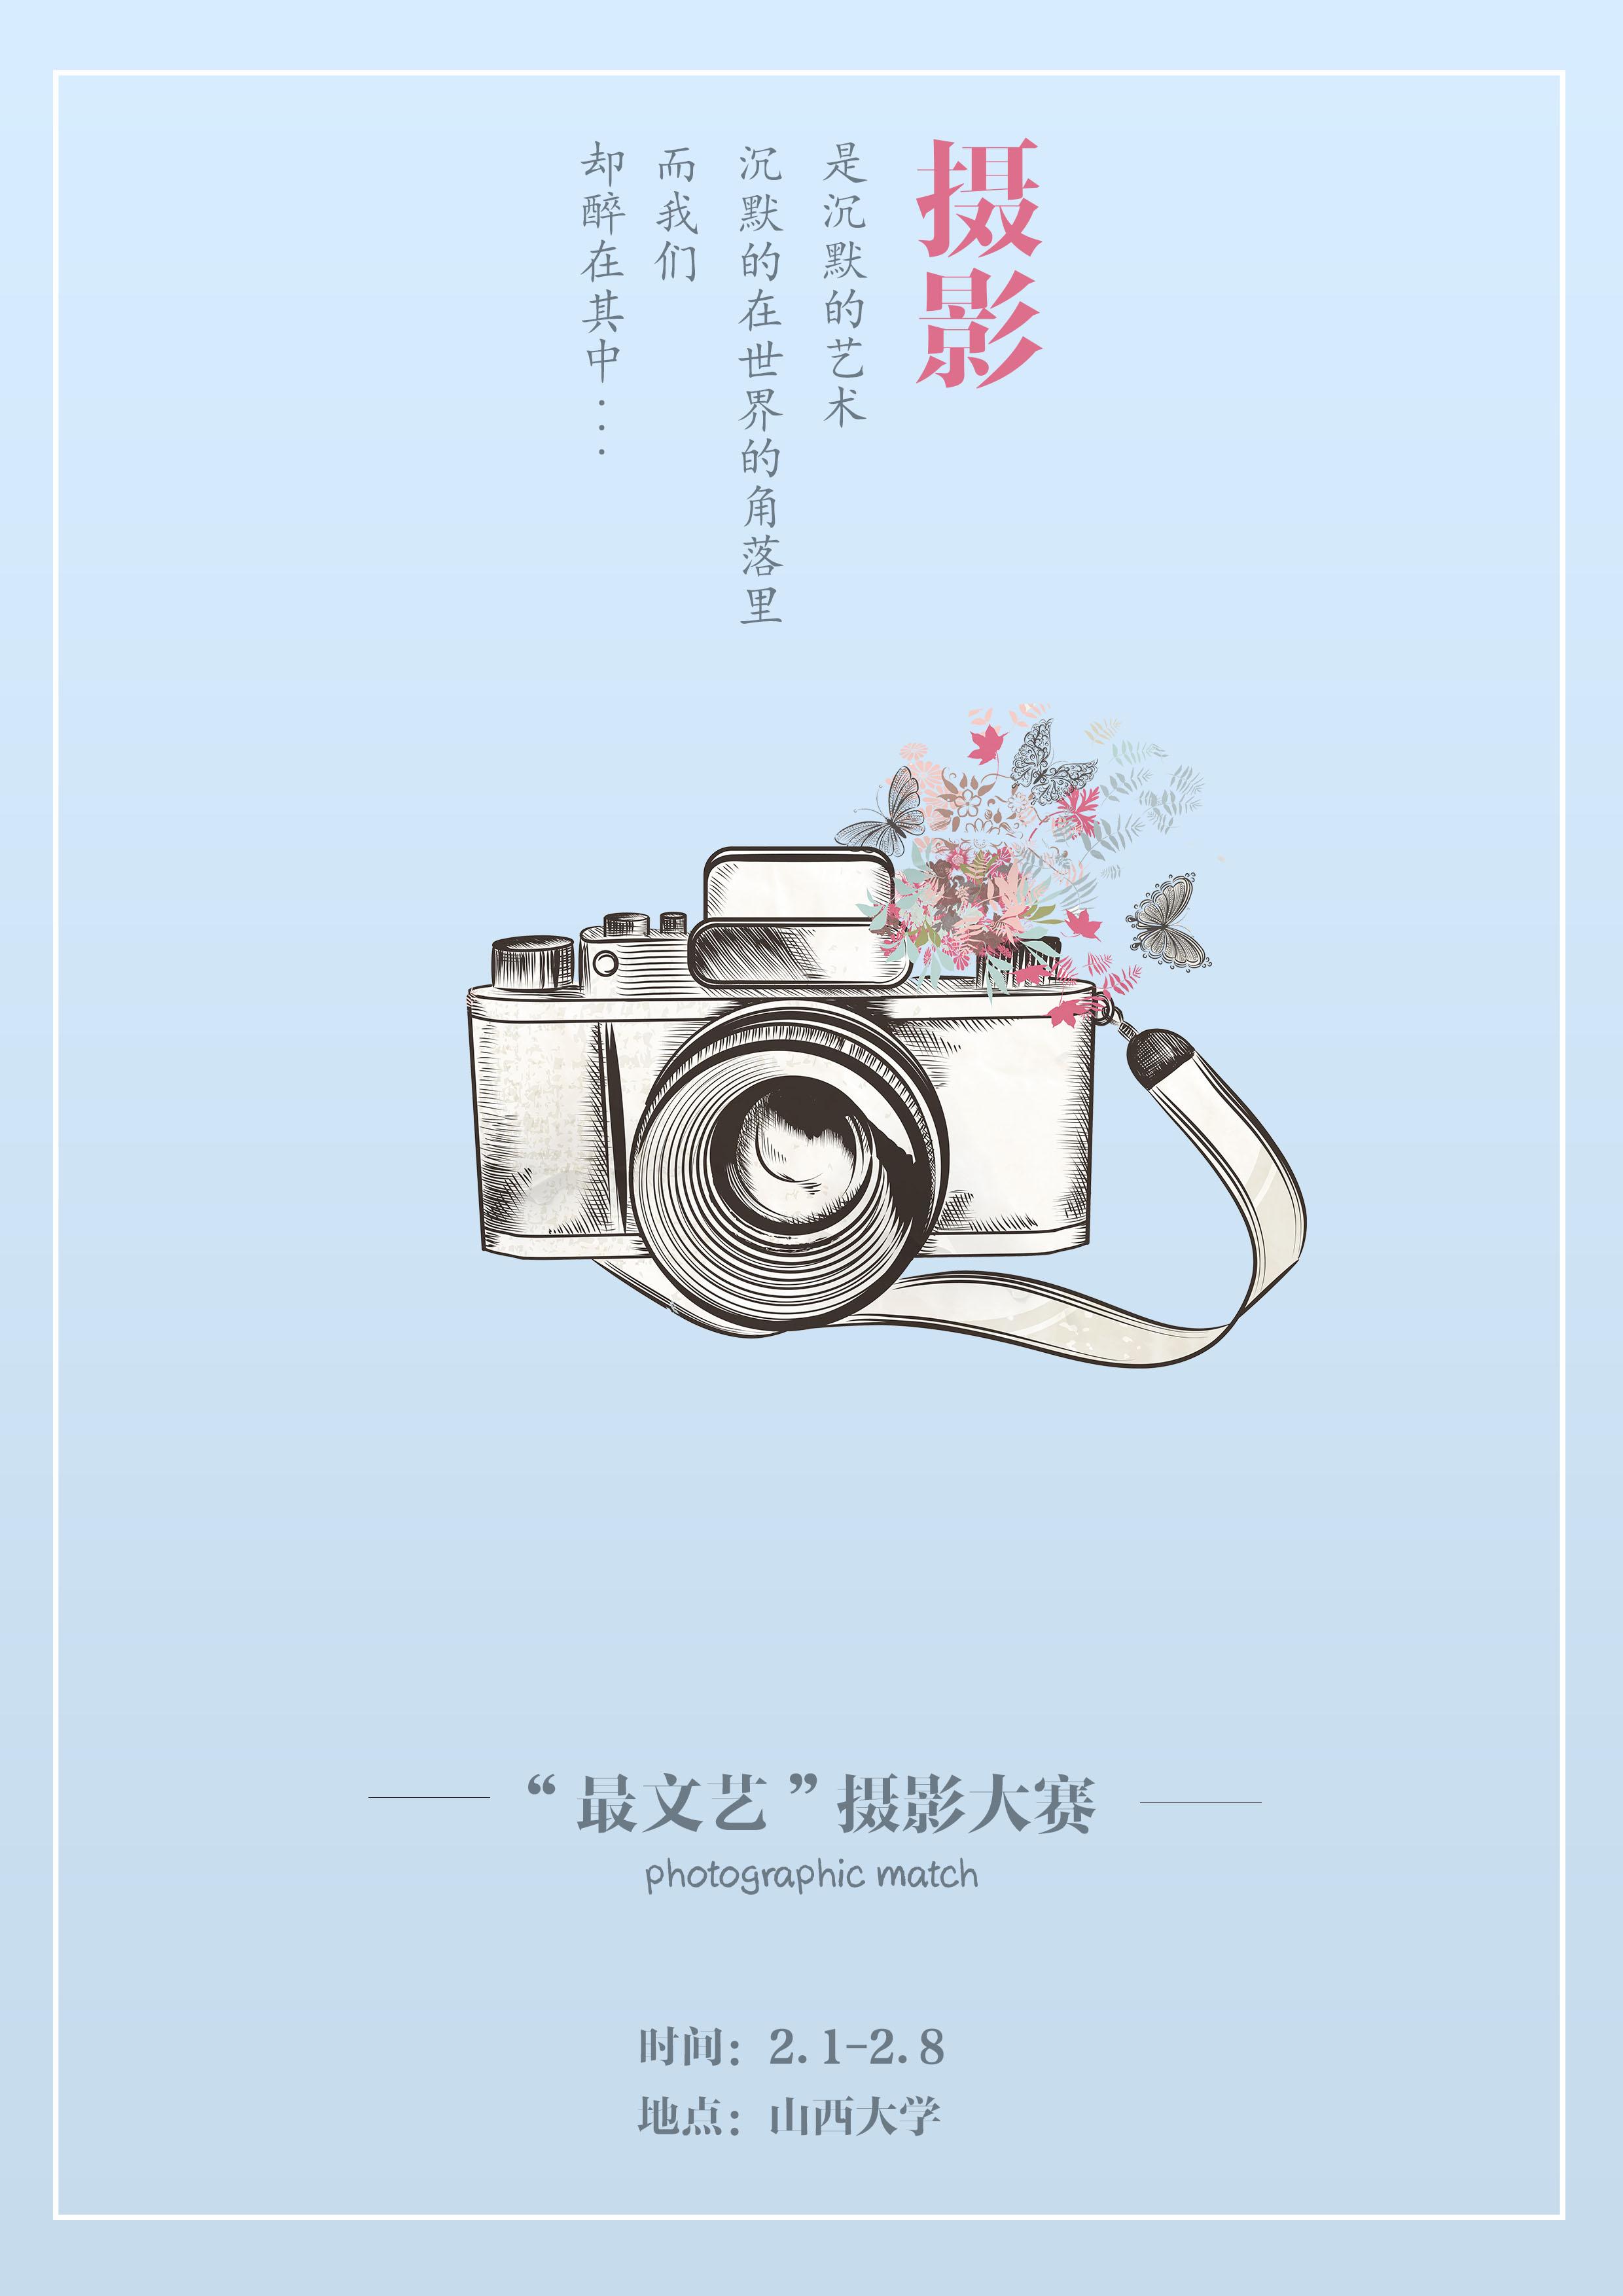 这次是为摄影大赛设计的海报,整体是小清新图片